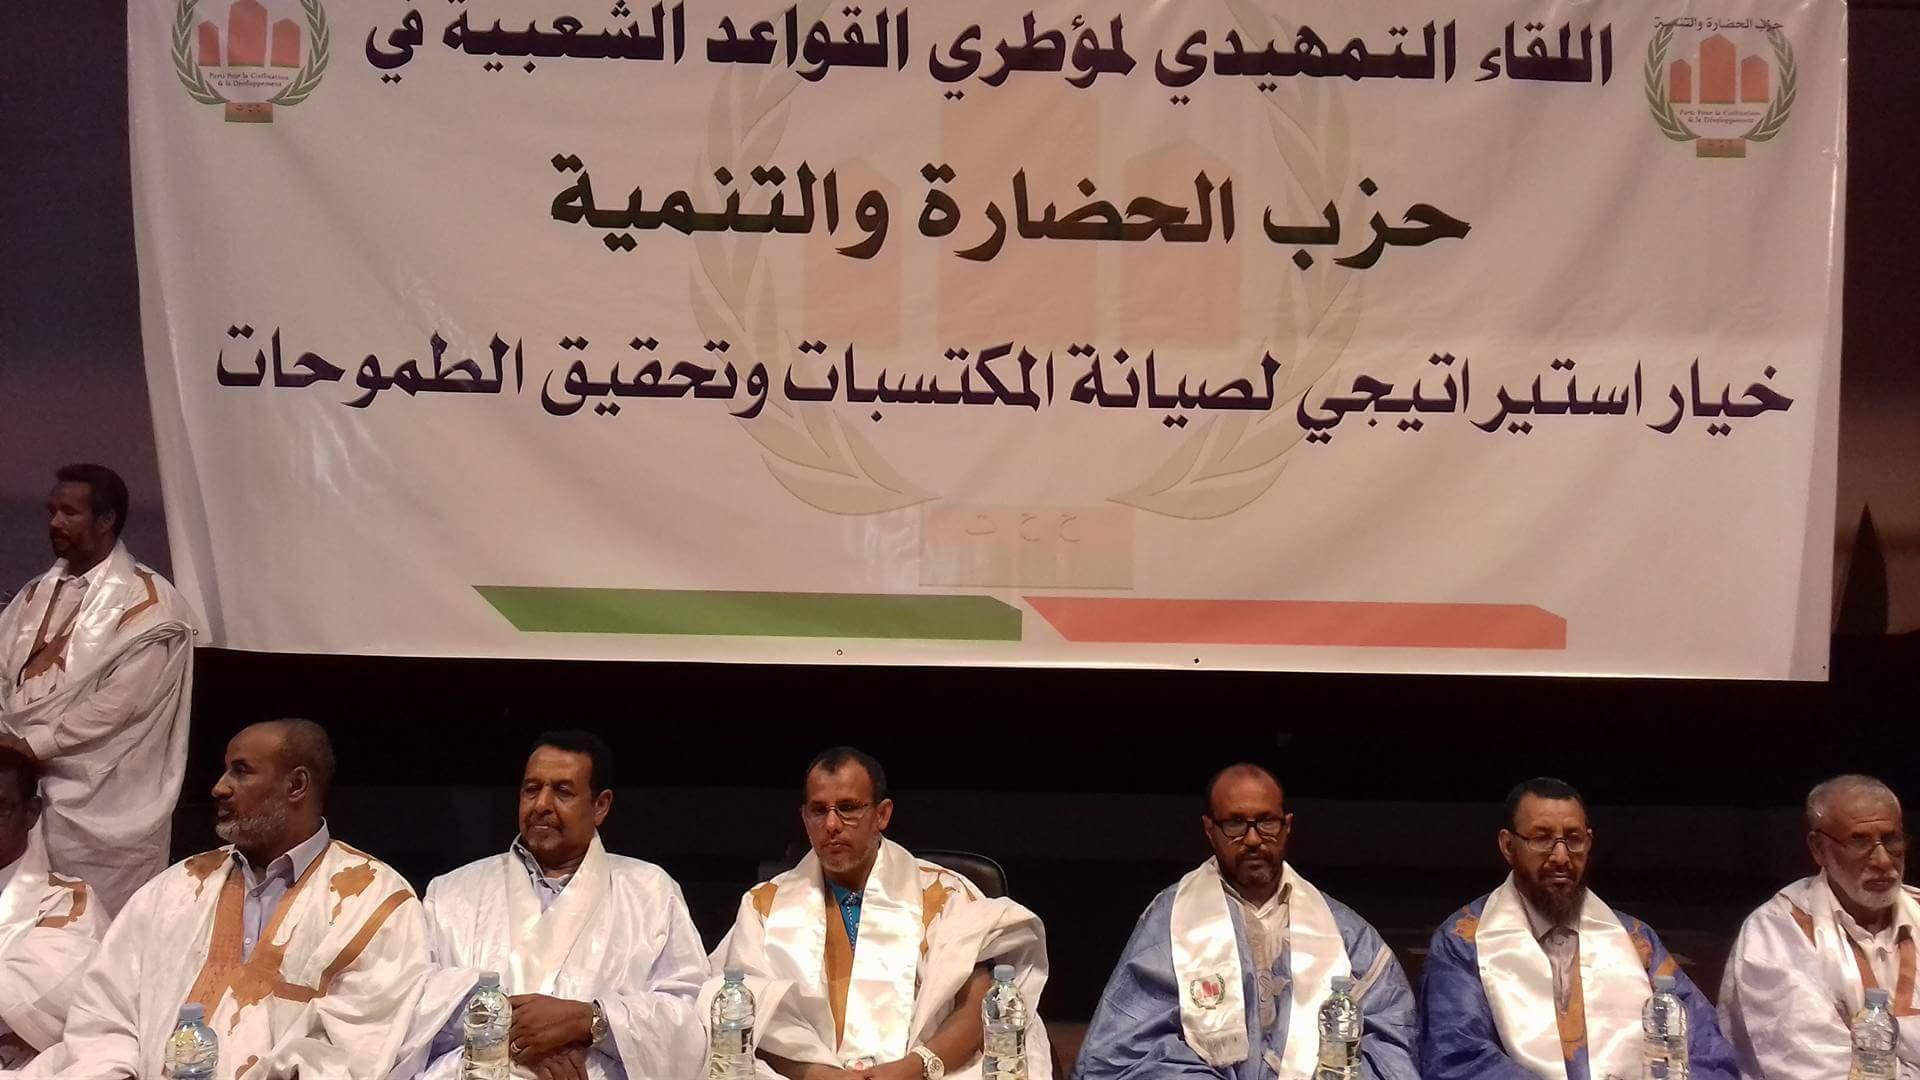 """صورة حزب موريتاني يصف شباط ب""""الخائن"""" ويعتبر بأن شطحاته لا تخدم علاقات البلدين"""